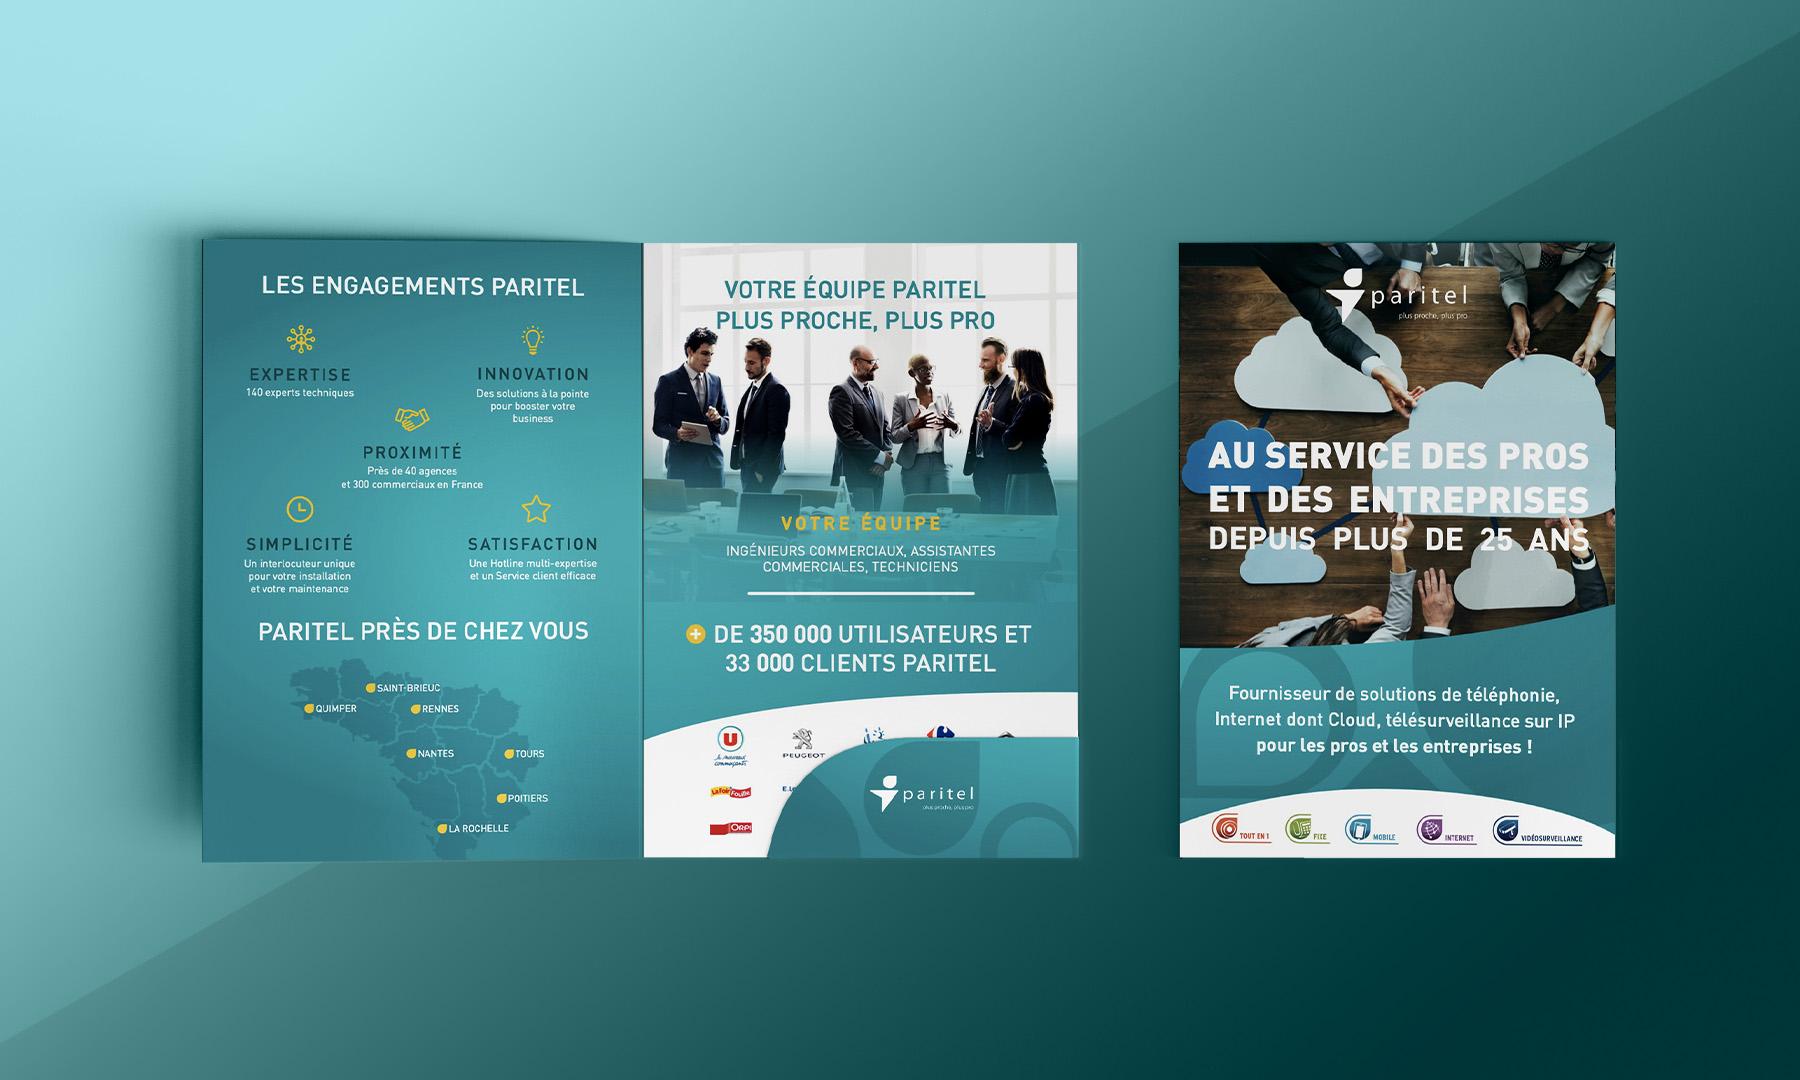 Brochure réalisé par paulalexandre. Graphiste, Web Designer, Motion Designer & Illustrateur freelance basé sur Marseille. Un projet ? N'hésitez pas à me contacter.